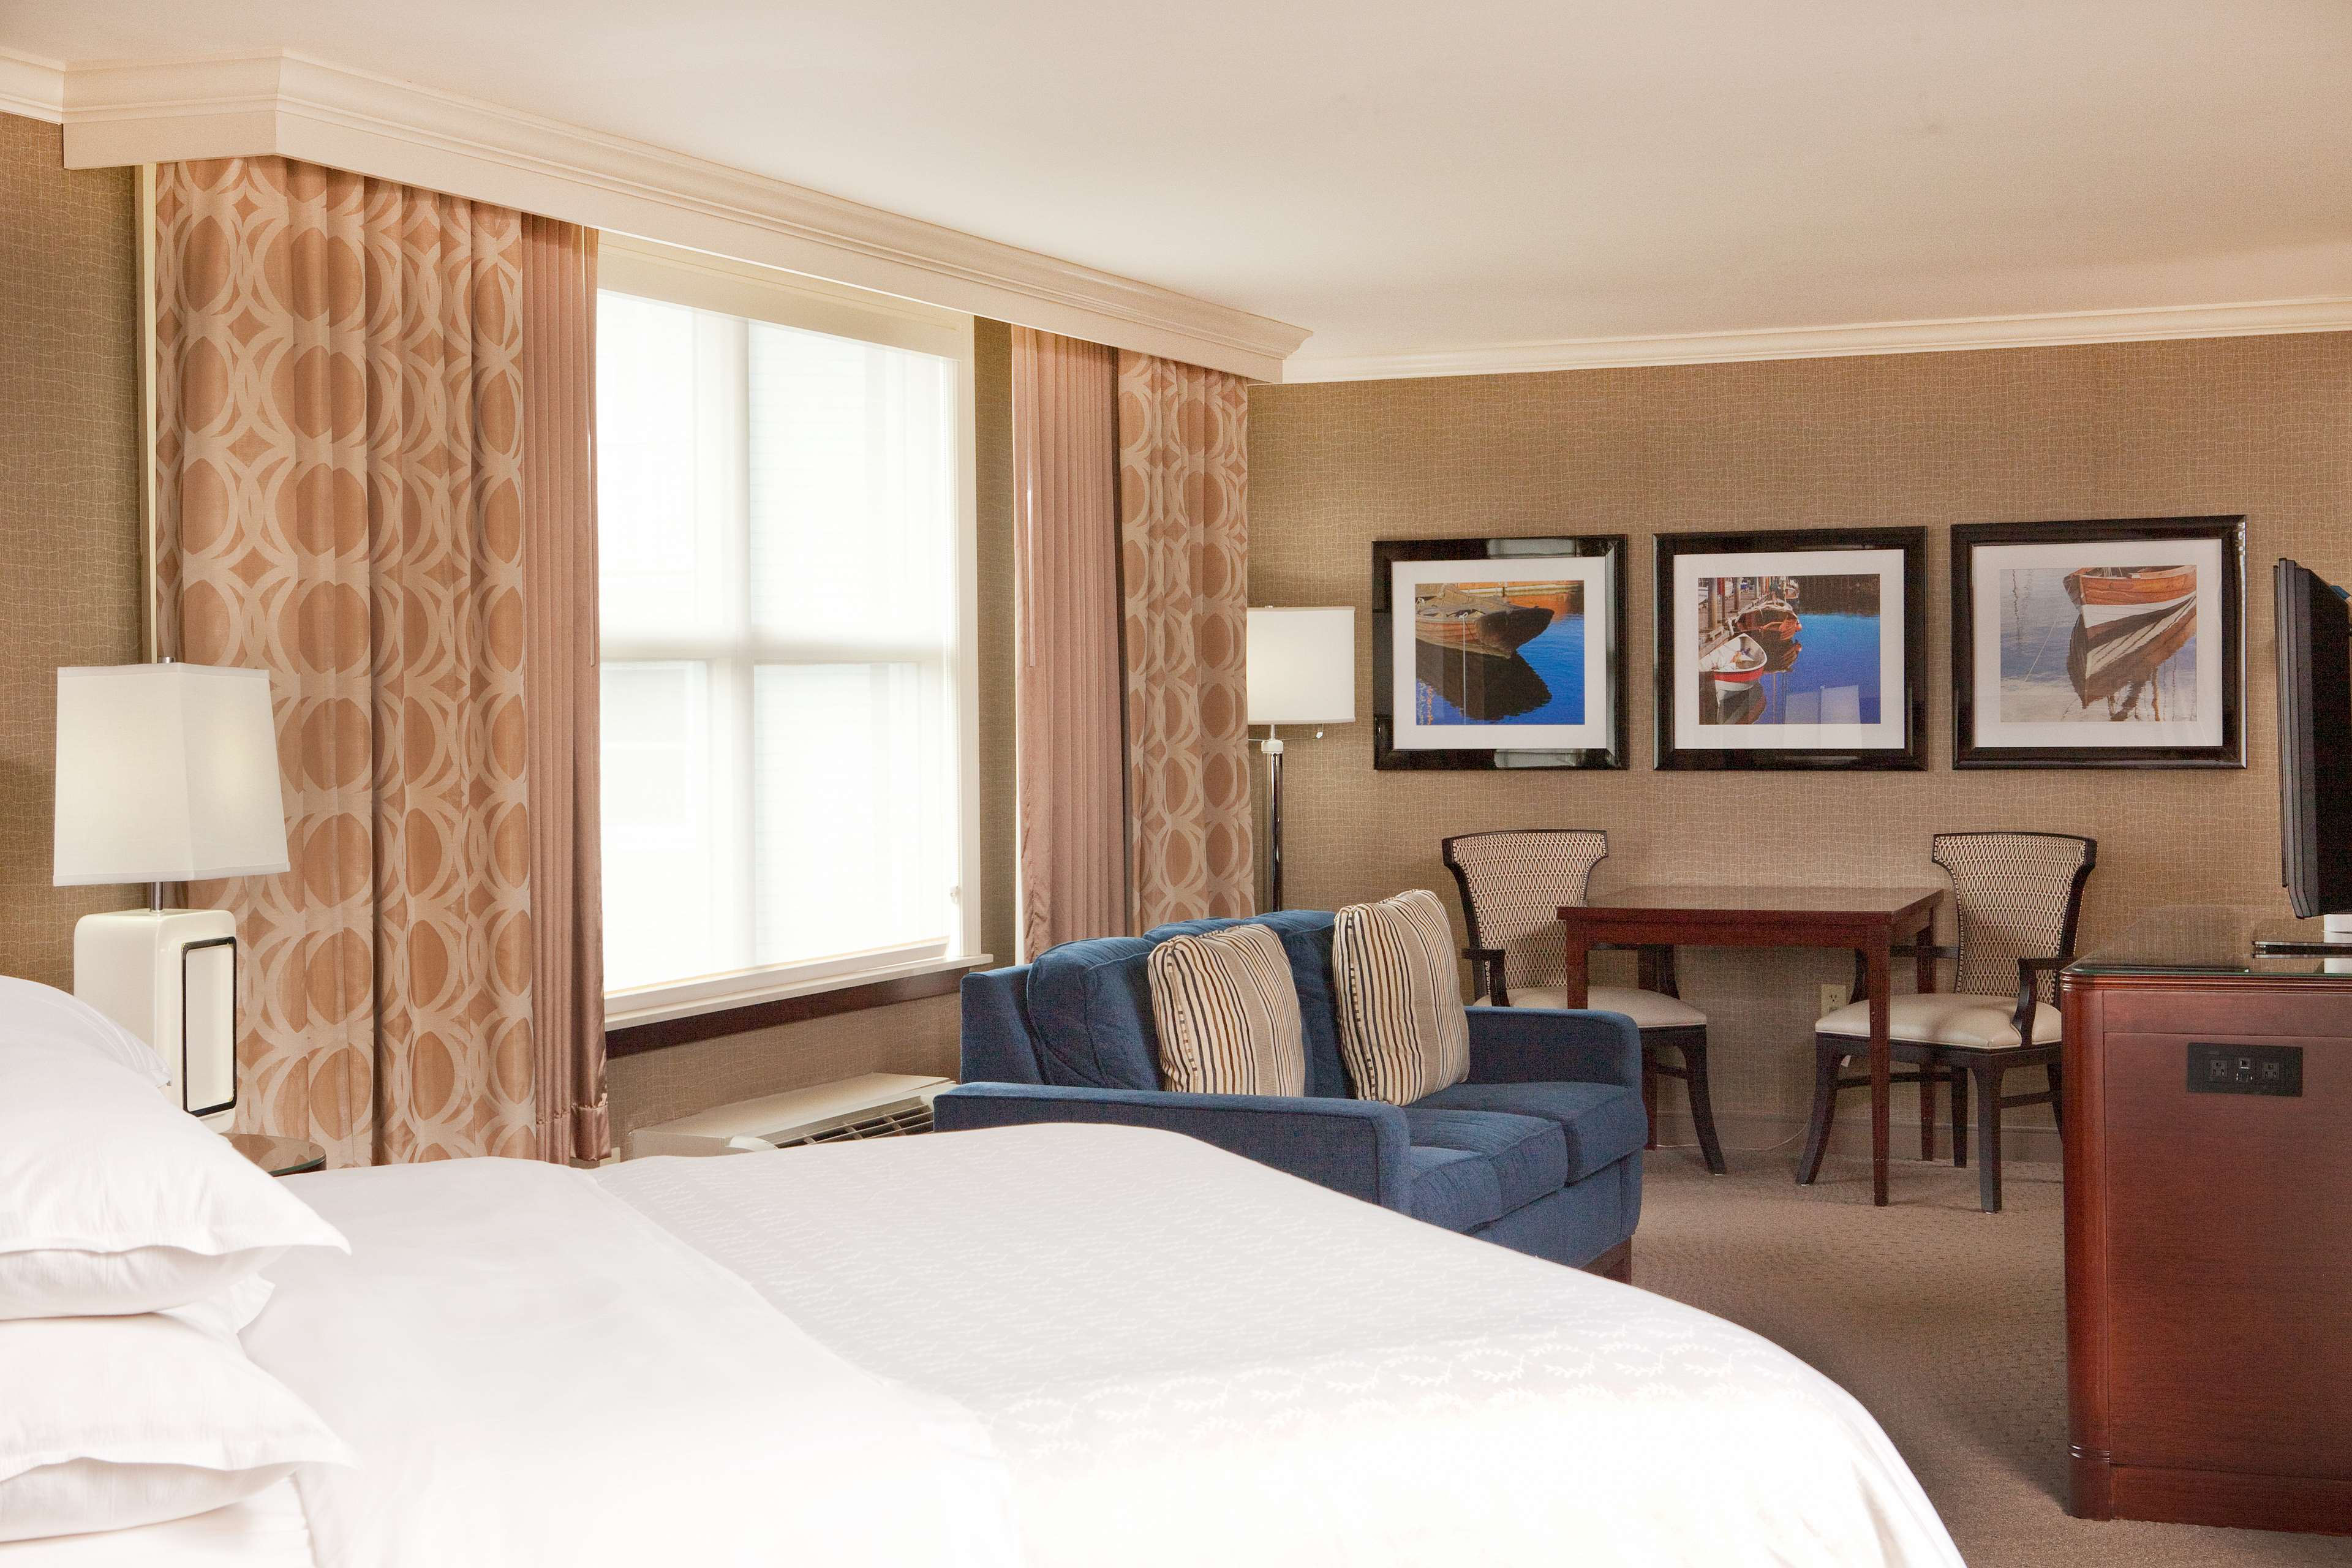 Sheraton Portsmouth Harborside Hotel image 22